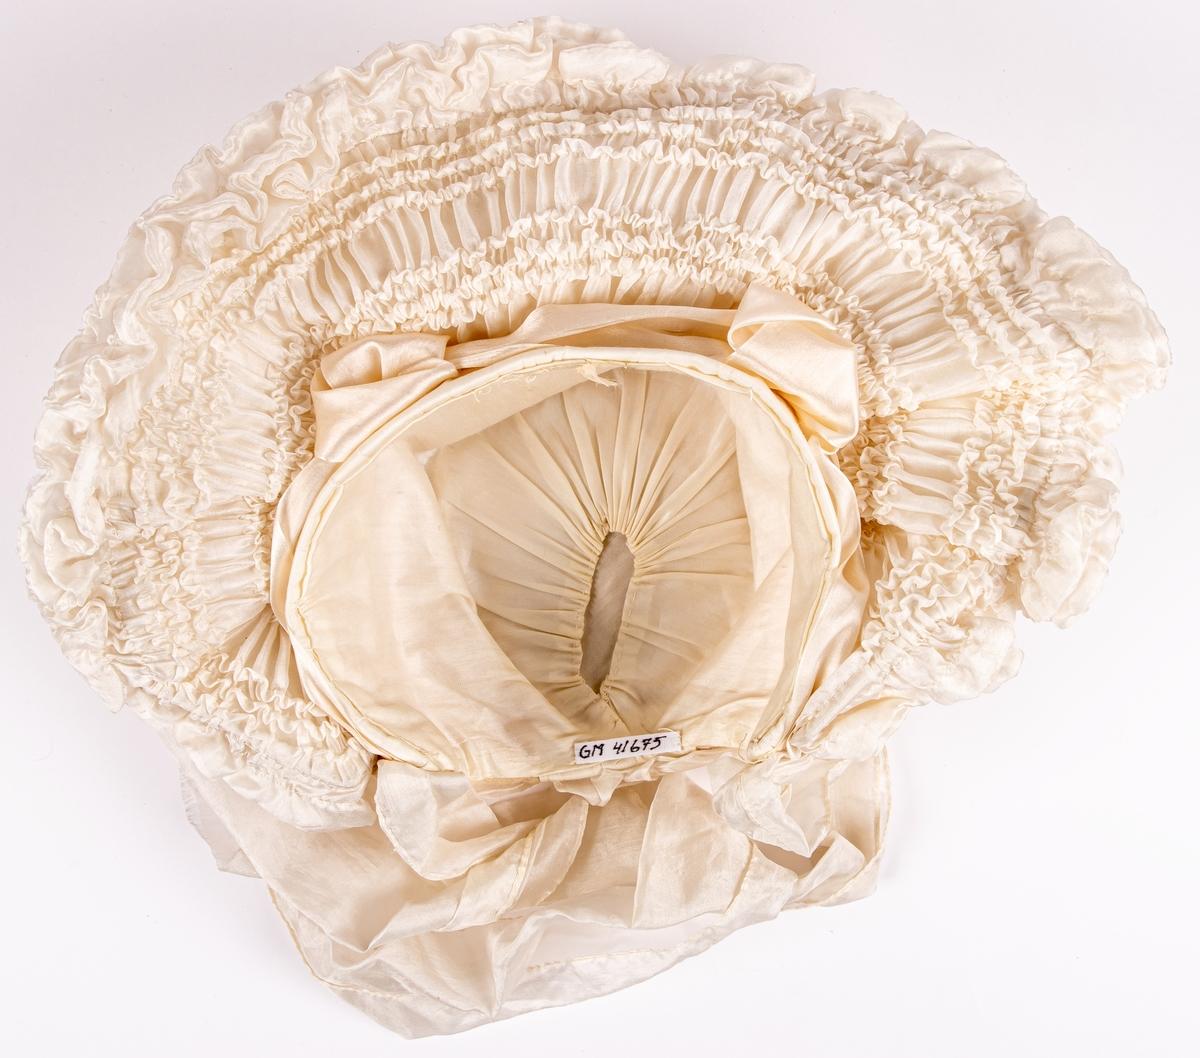 Hatten har långa vita band att knyta under hakan. Färgen är gräddvis. På var sida om kullen finns två tygblommor formade av sidentyg. Kullen är av ull, resten av siden.